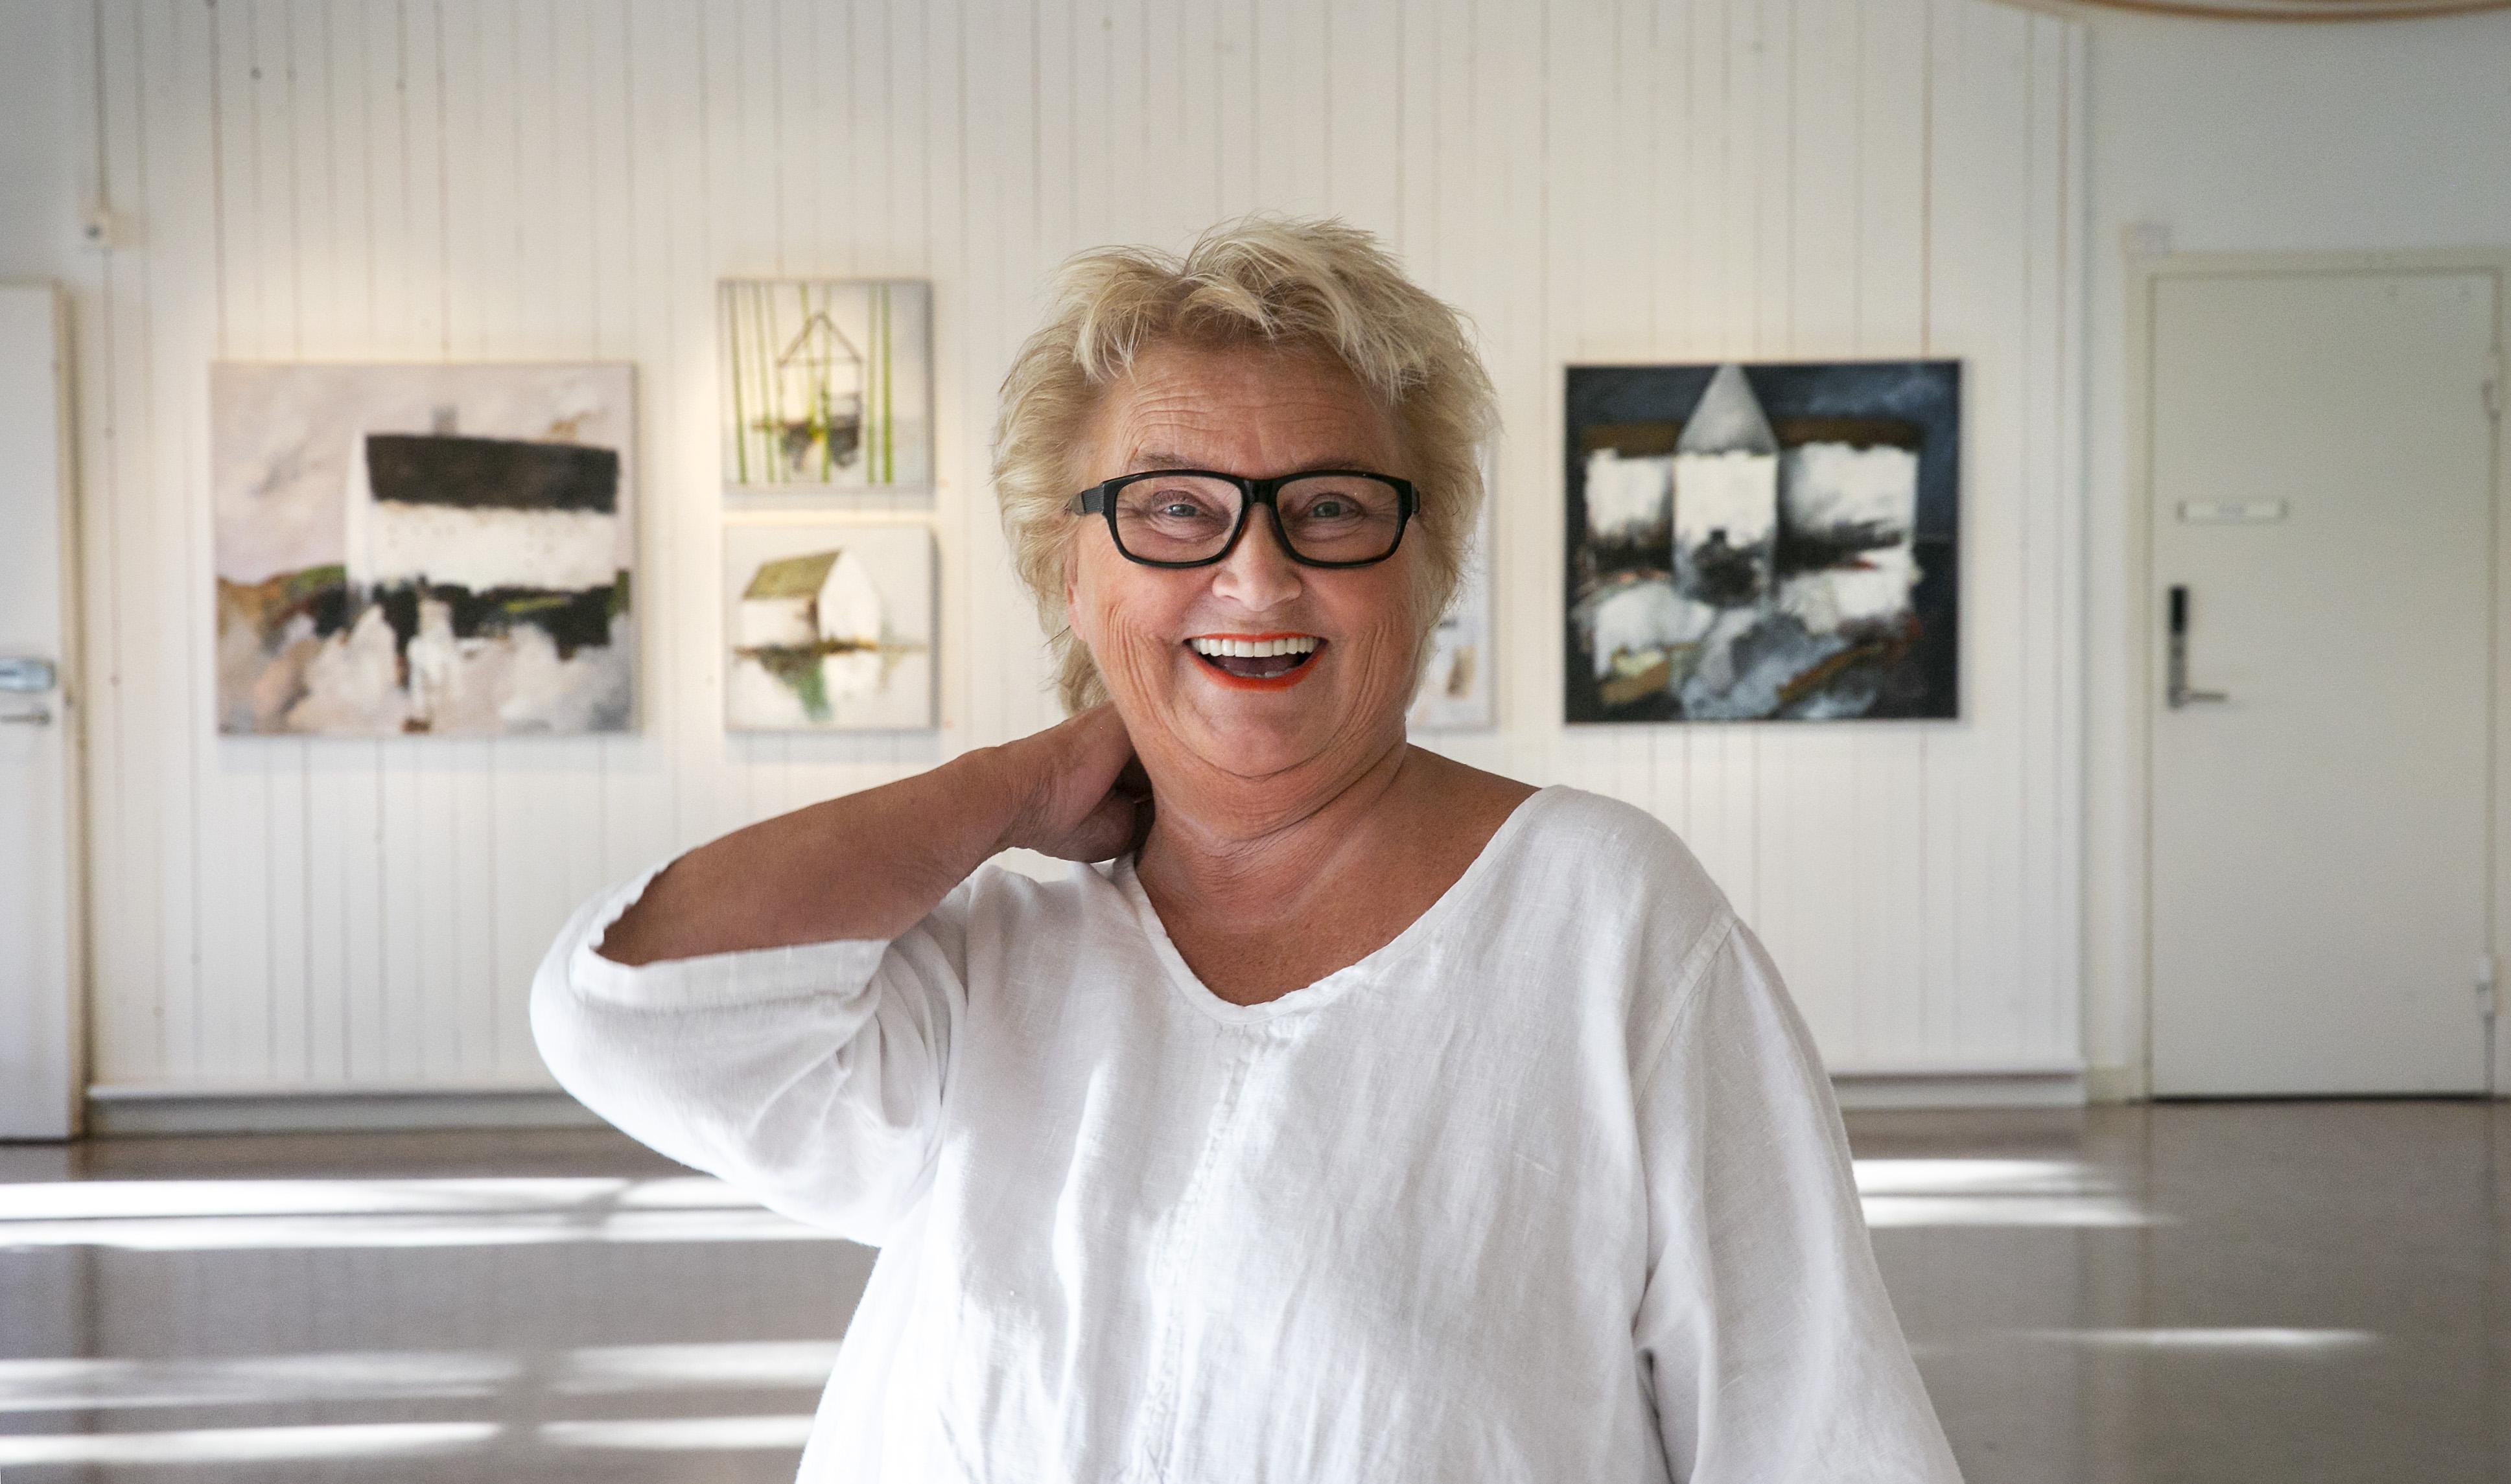 Det är första gången som Berit Melin ställer ut i Leksands kulturhus.